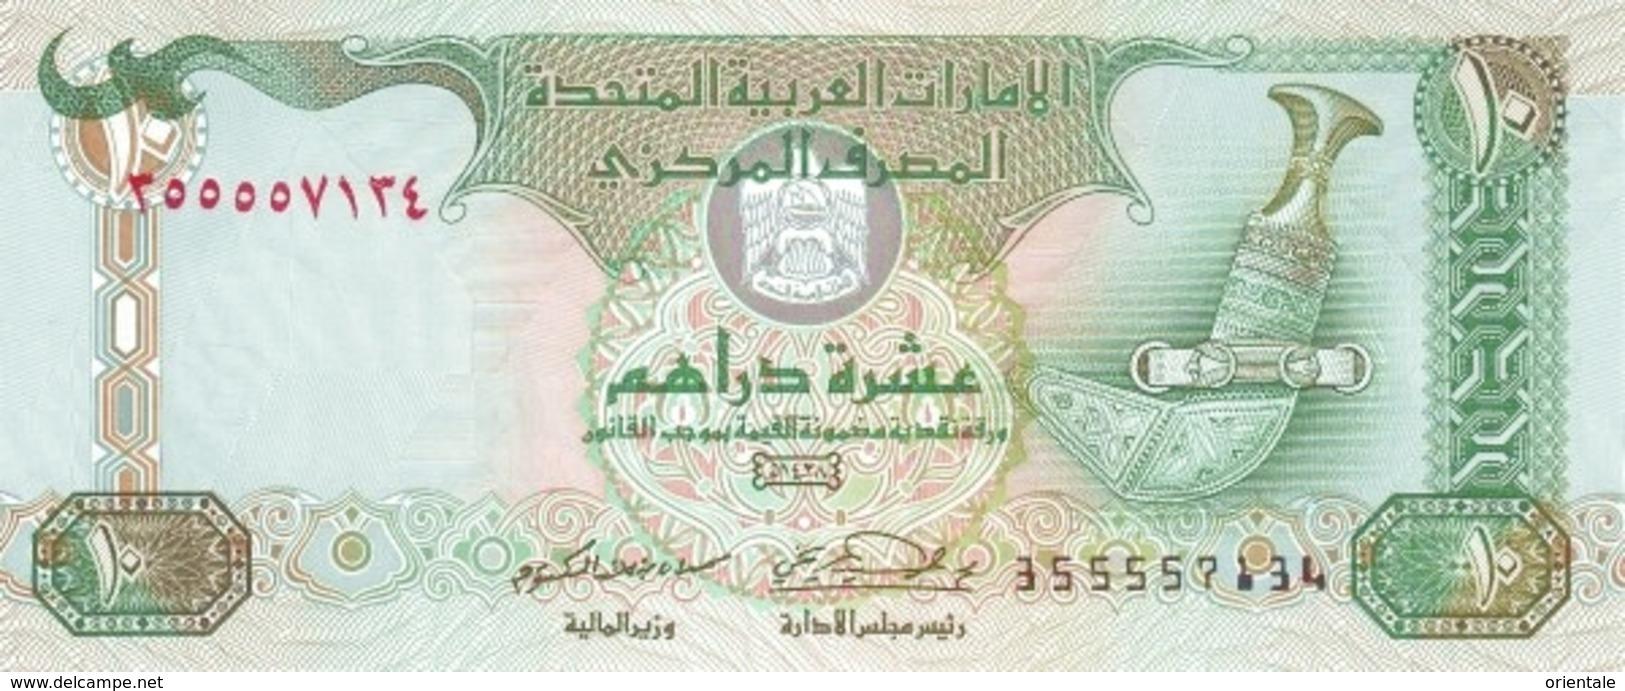 U.A.E. P. 20d 10 D 2007 UNC - Emirats Arabes Unis